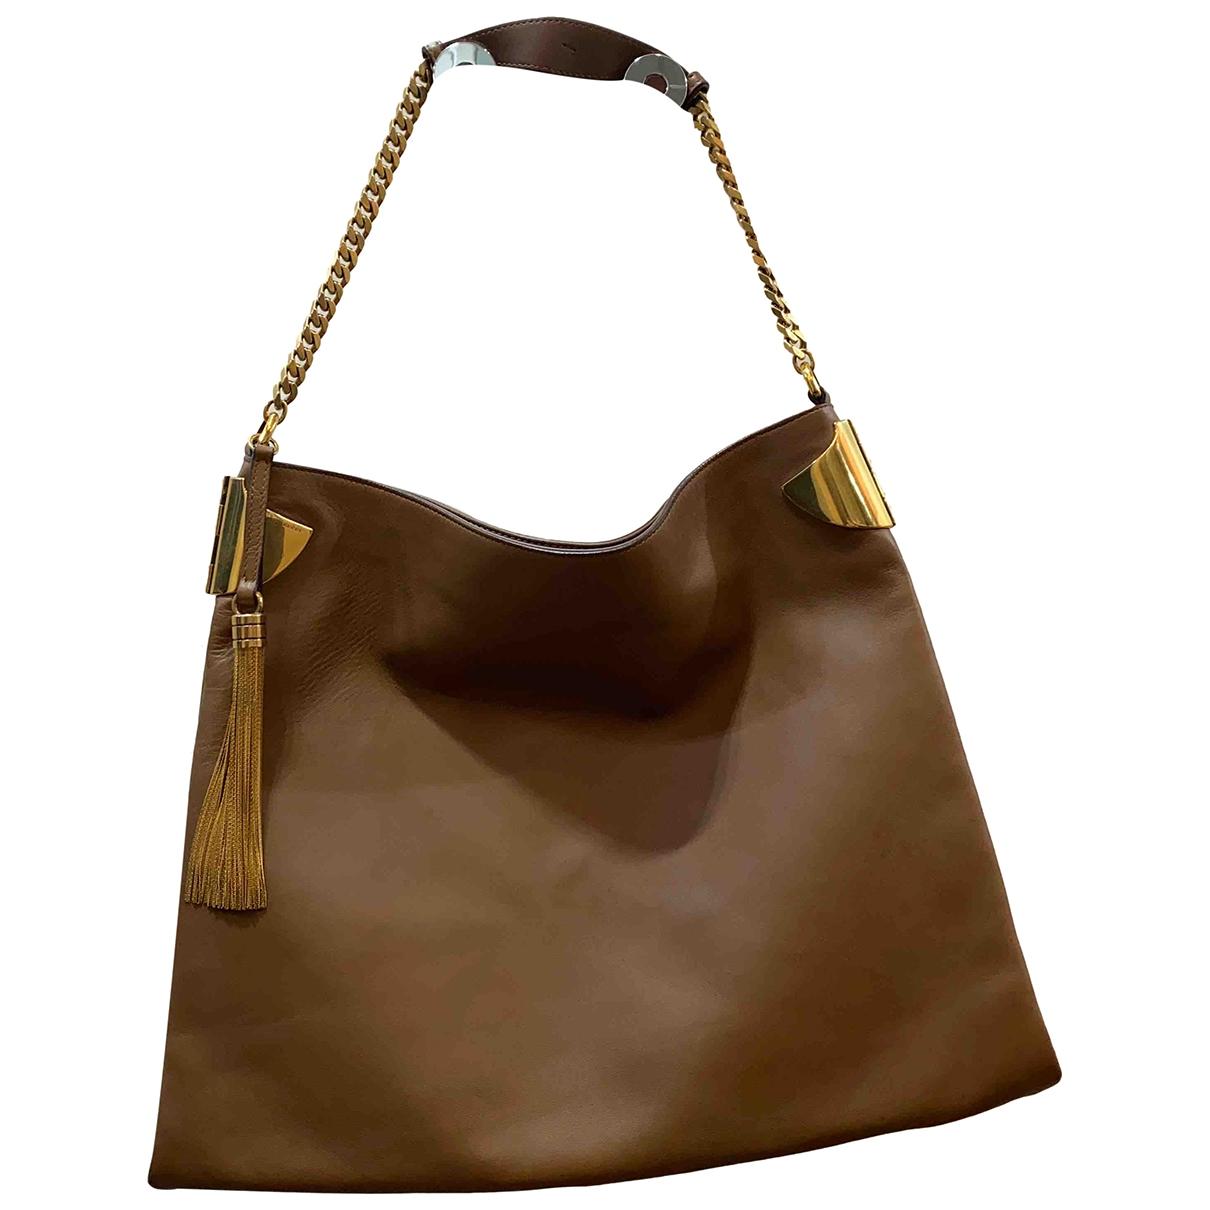 Gucci \N Handtasche in  Kamel Leder